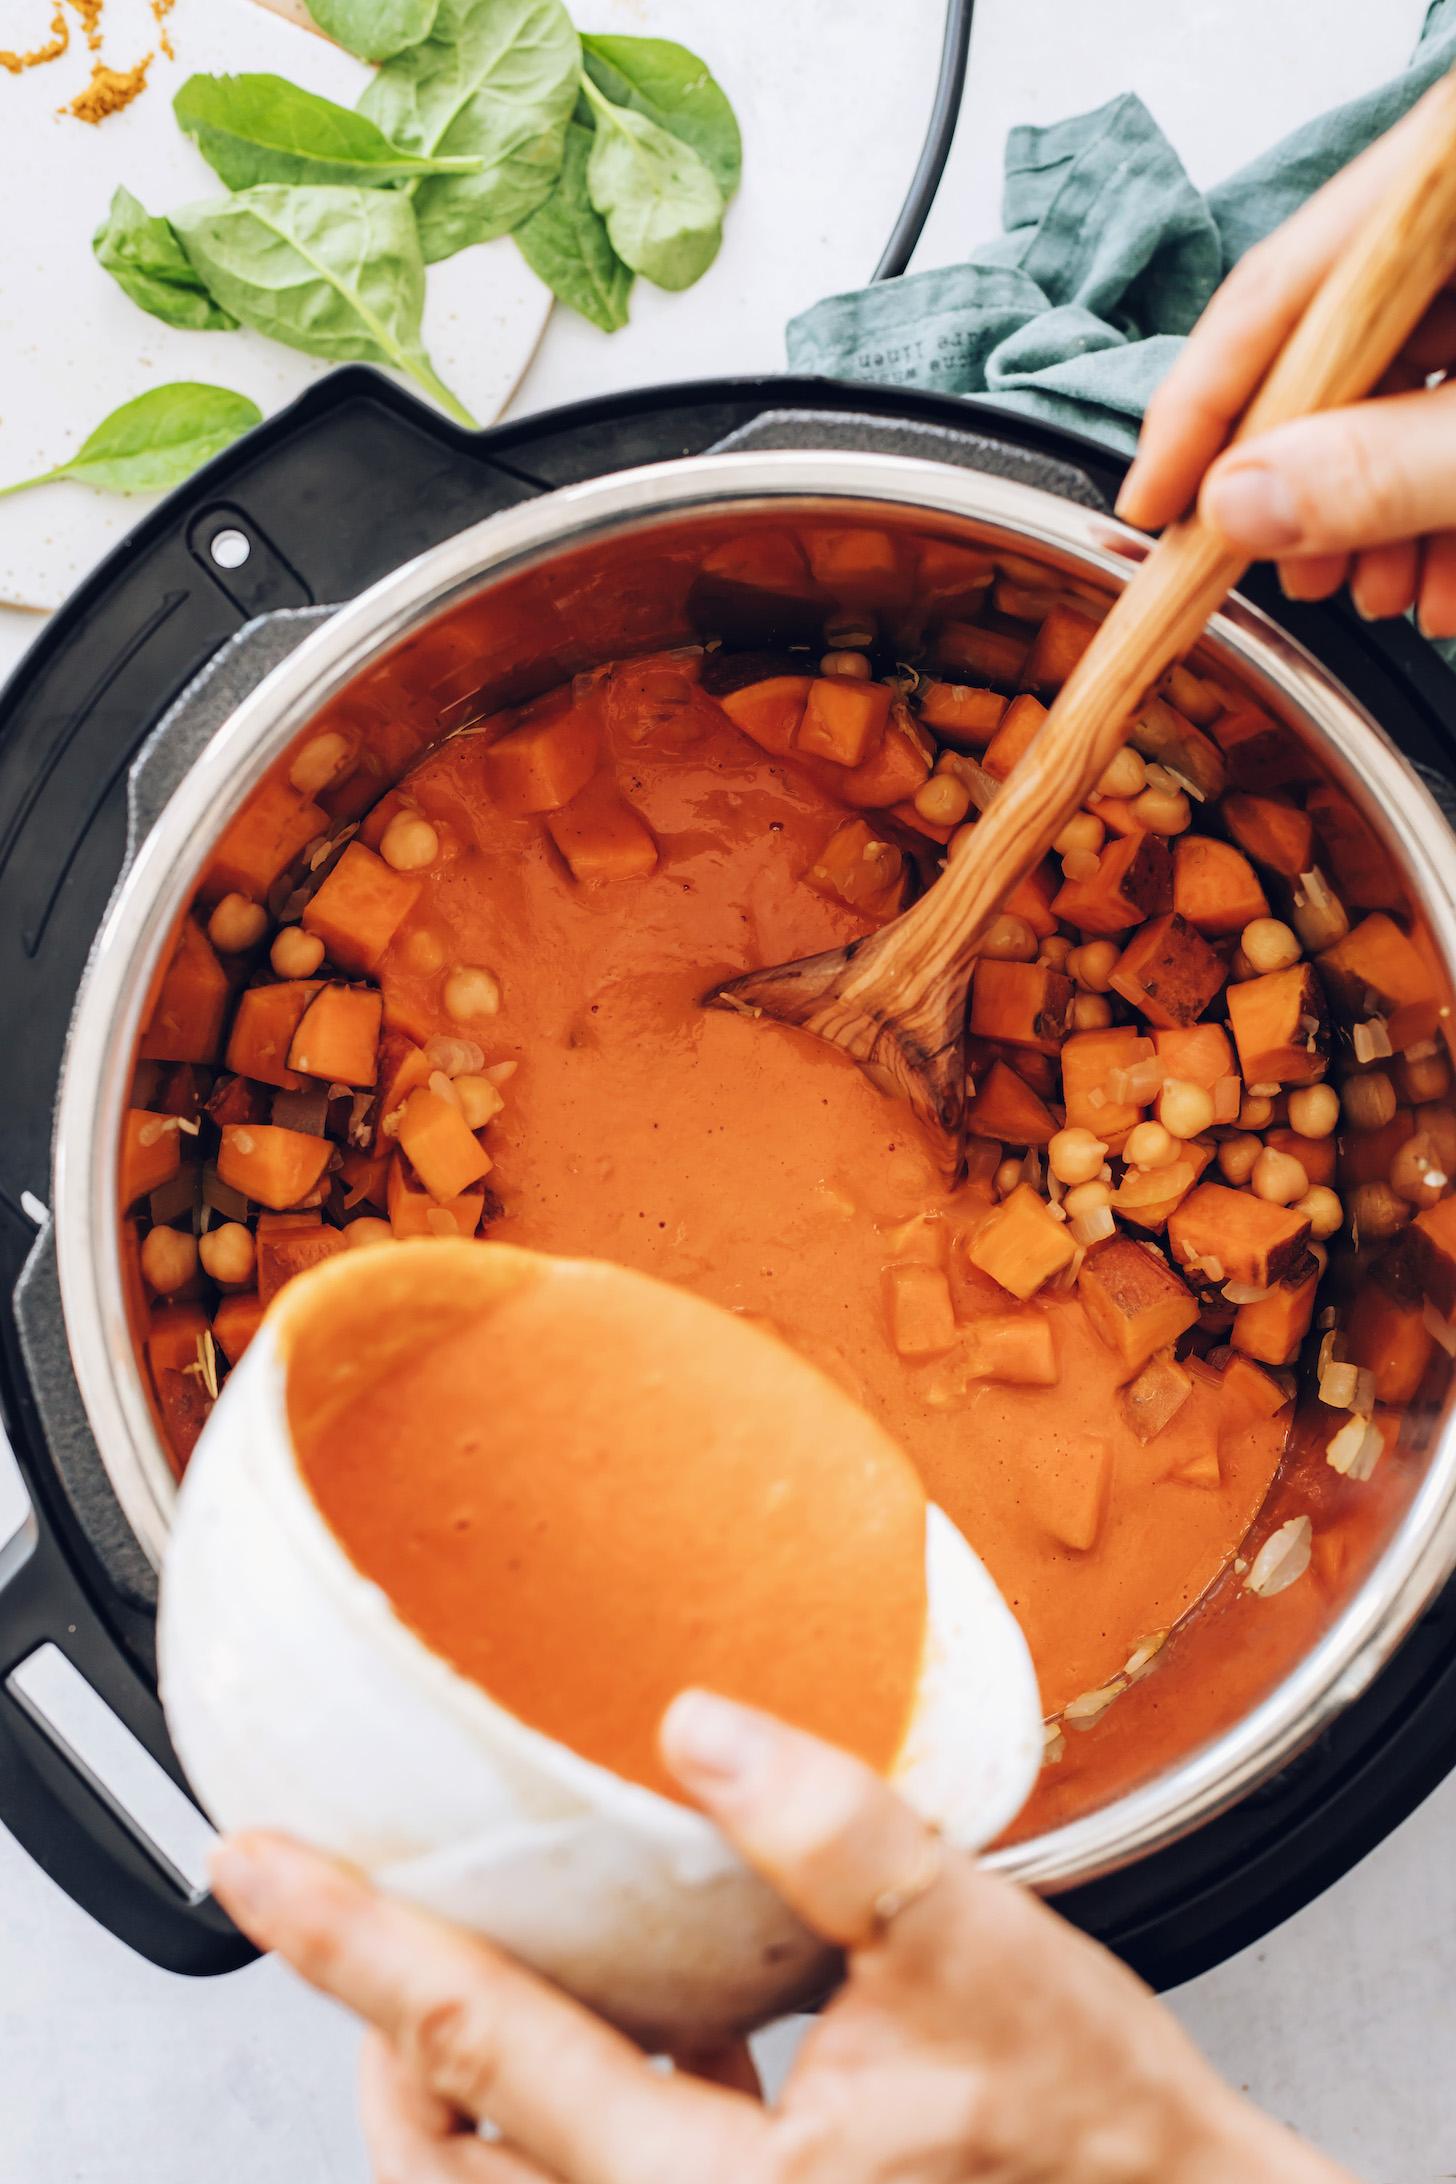 Sotelenmiş soğan, sarımsak, zencefil, tatlı patates ve nohutların üzerine közlenmiş kırmızı biber sosu dökün